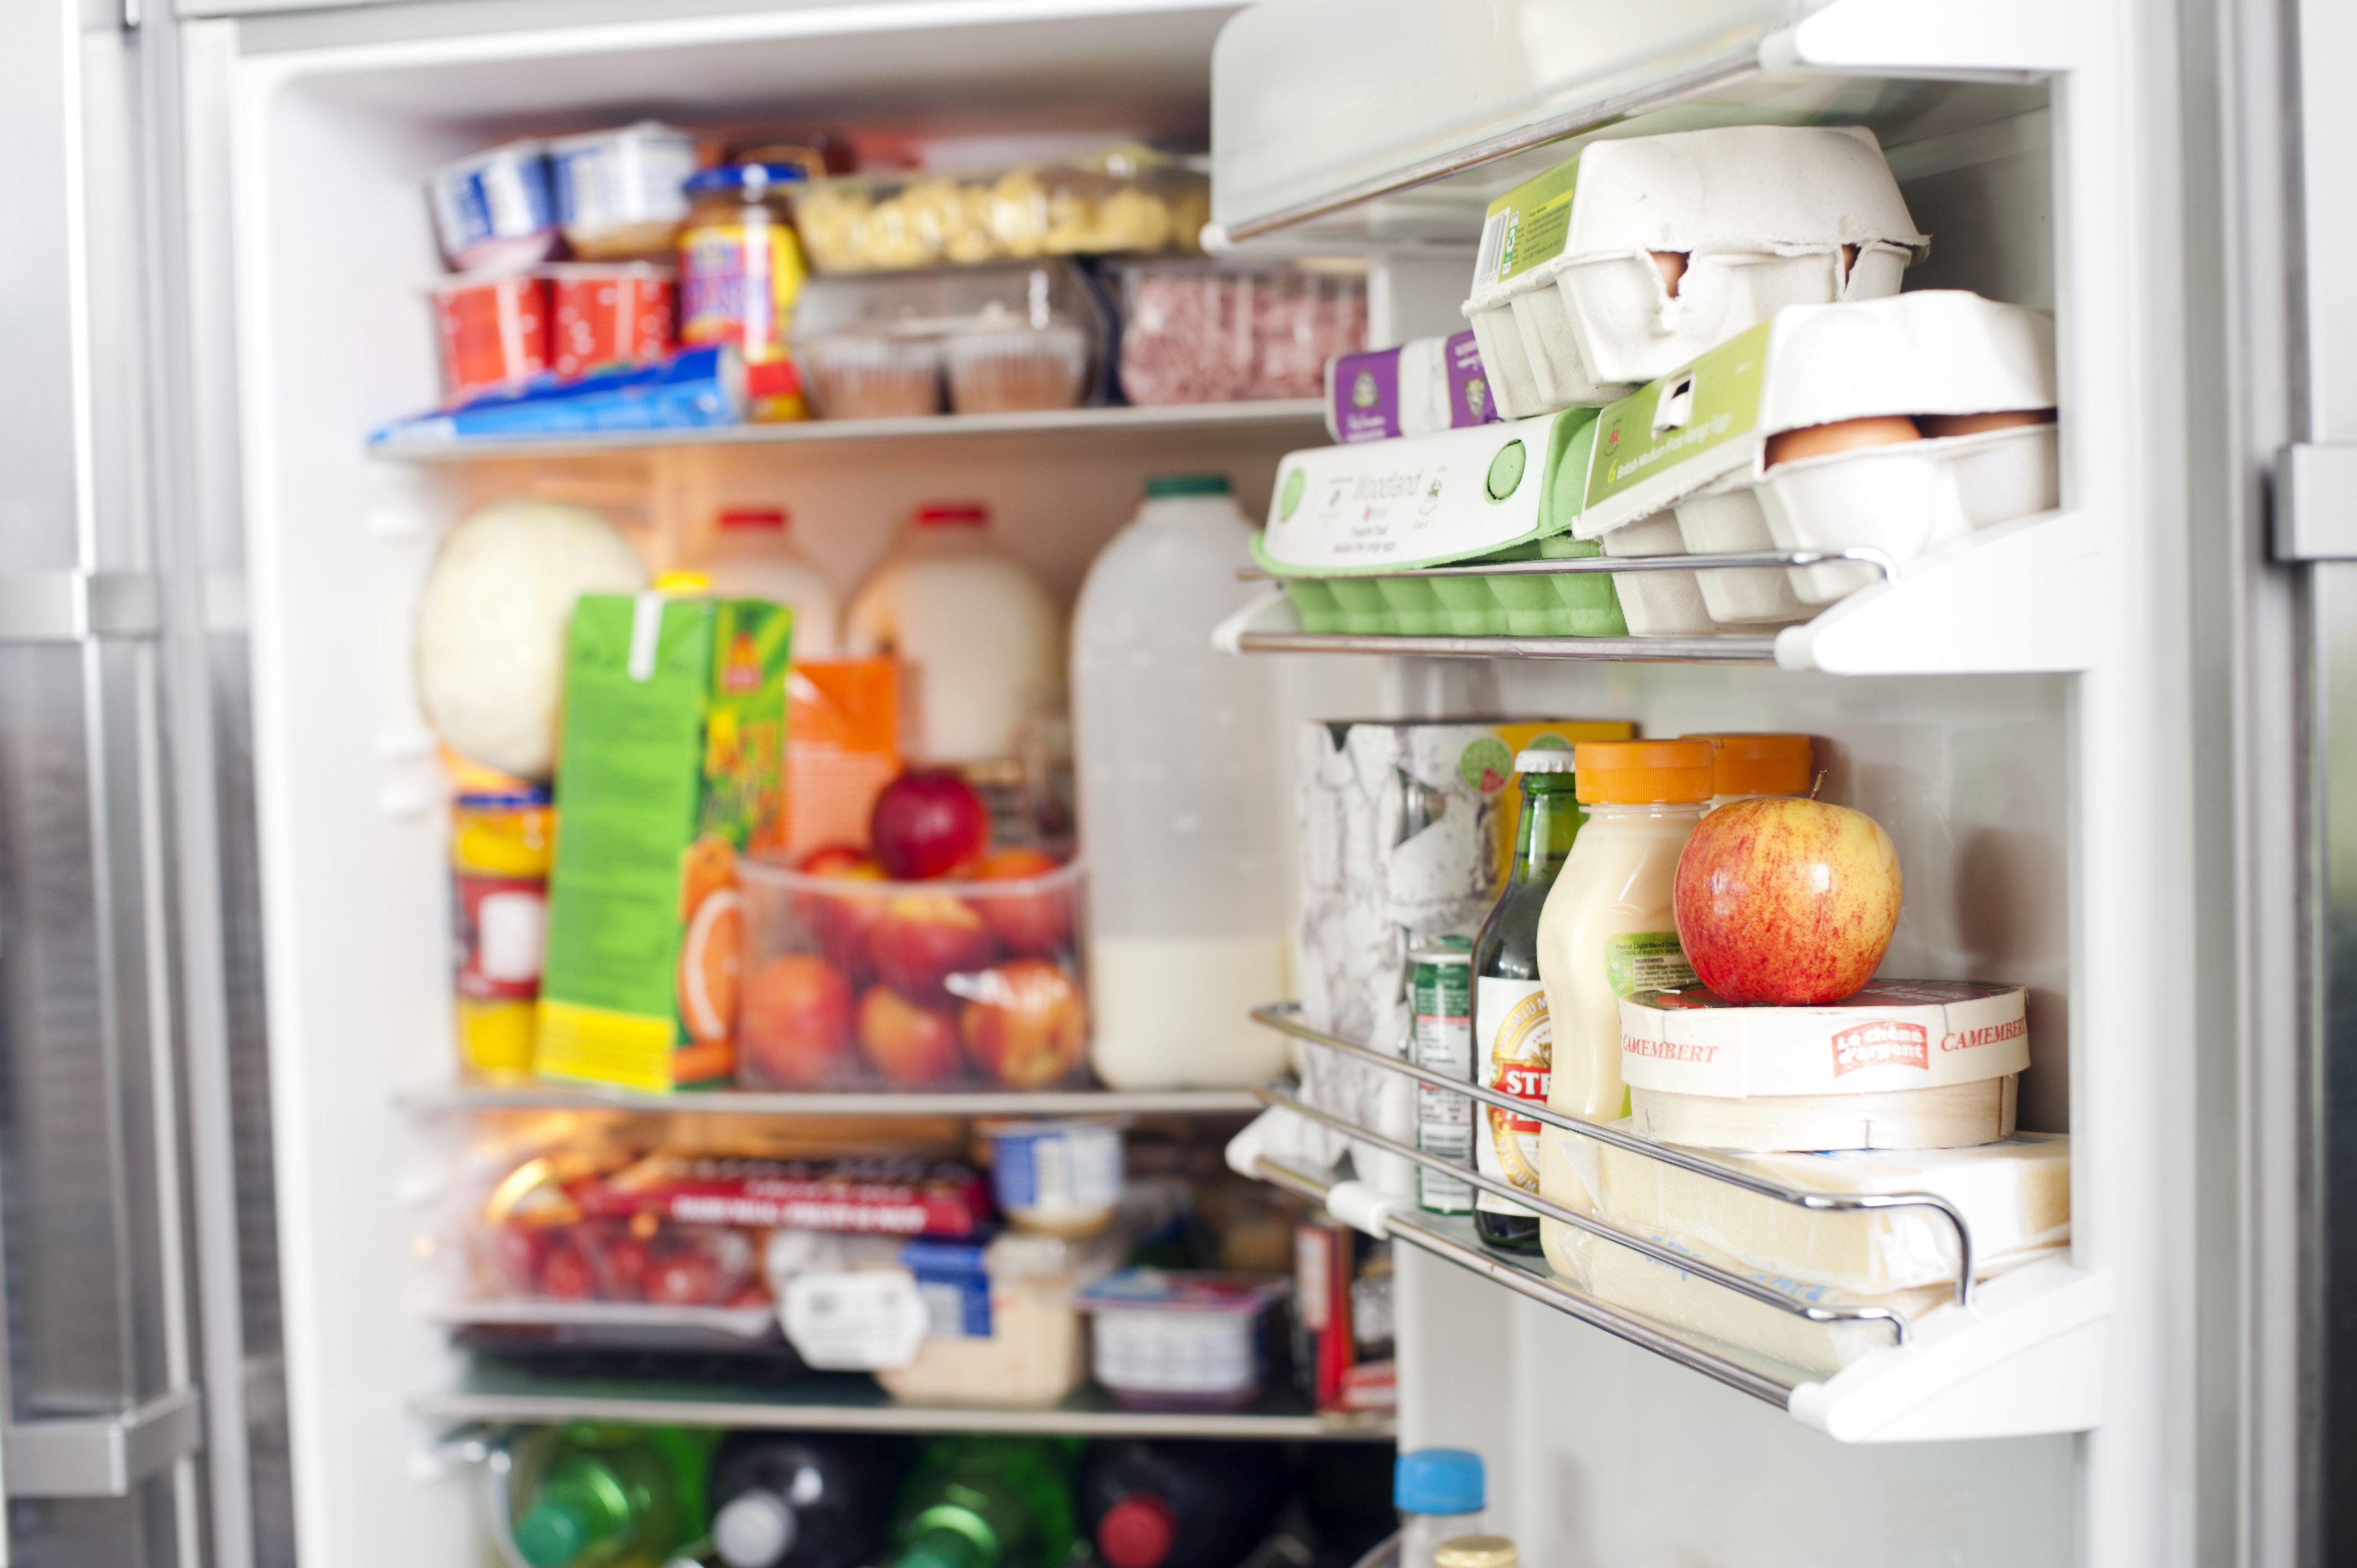 Open fridge full of groceries